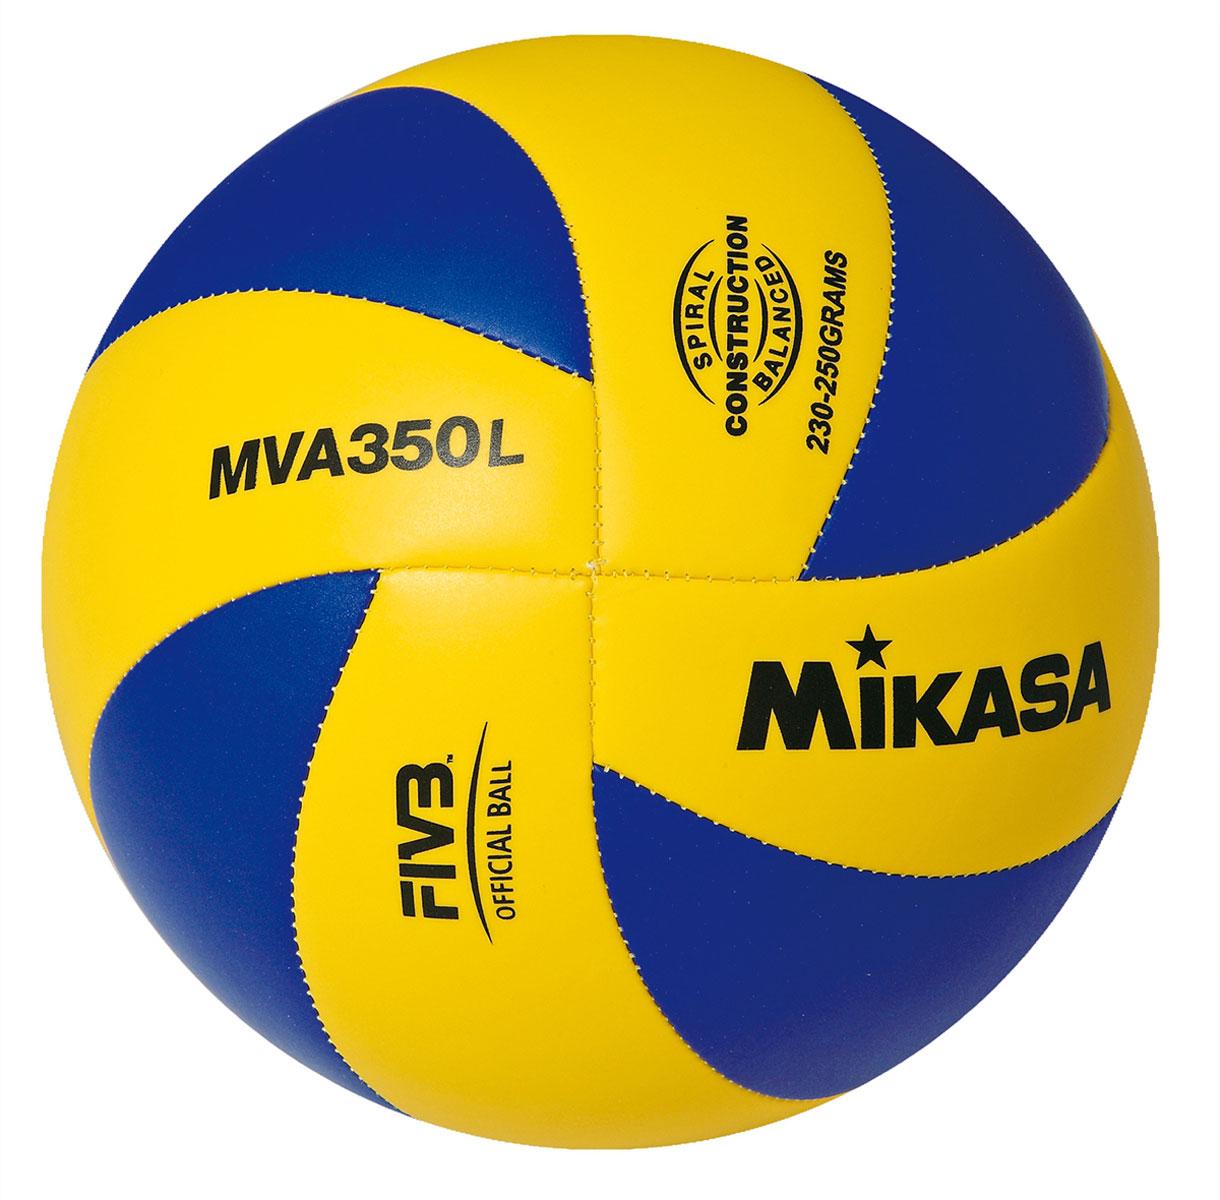 Мяч волейбольный Mikasa MVA 350 L. Размер 5УТ-00009433Оптимальный подходит для поставок на тендеры. MVA 350 L это восьми панельный аналог мяча MGV 260 . Логотип FIVB Official - официальный стандарт FIVB для волейбольных мячей.